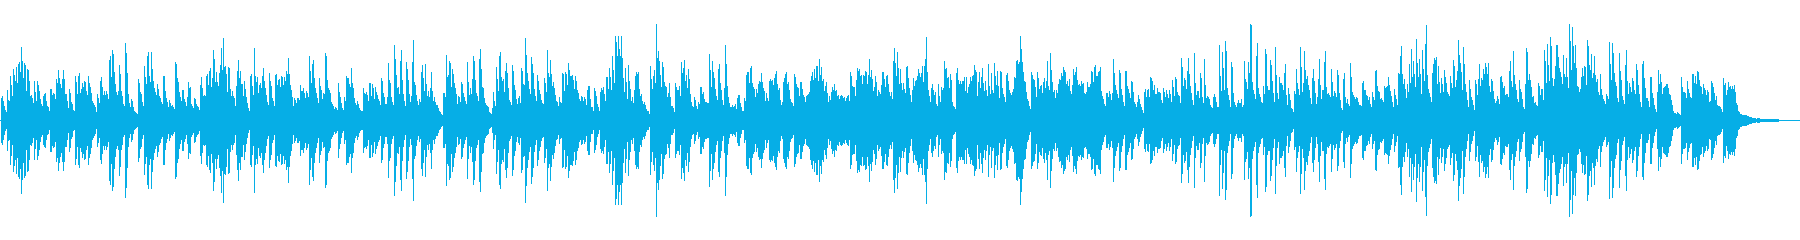 ジャズ風ラウンジピアノソロ/バラードの再生済みの波形